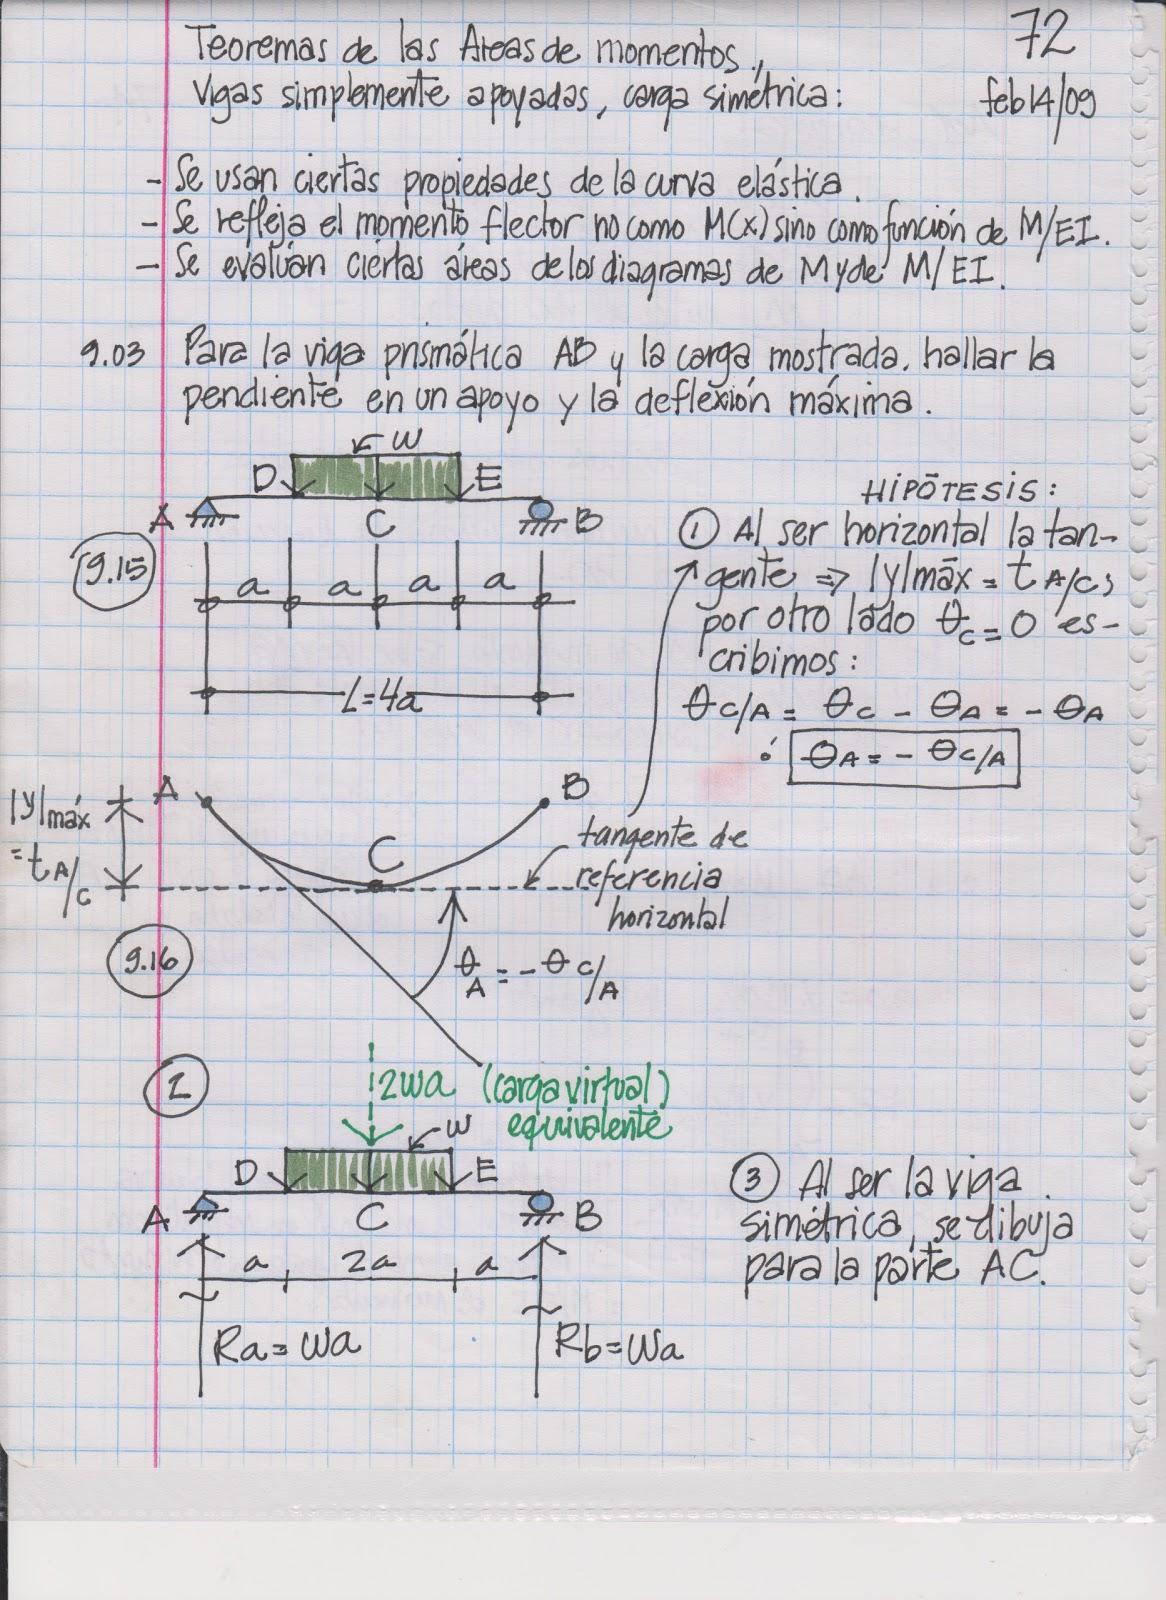 Método de Area de Momentos: Teoremas para cálculo deflexiones y ...